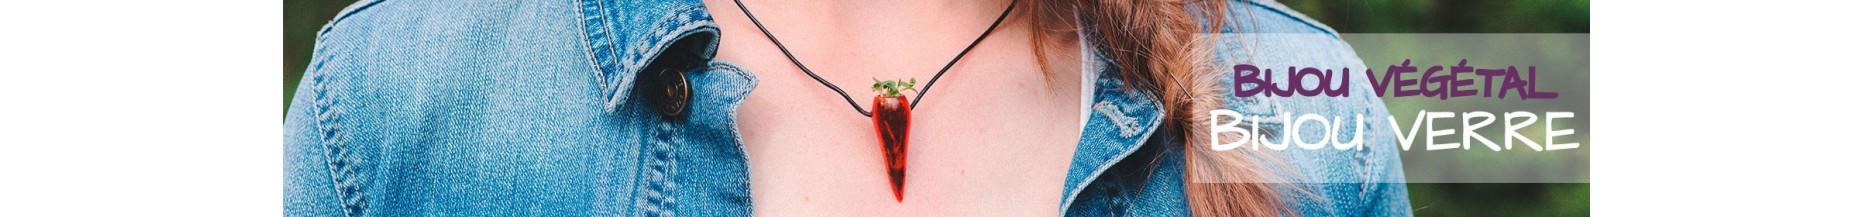 Bijoux en verre avec végétal